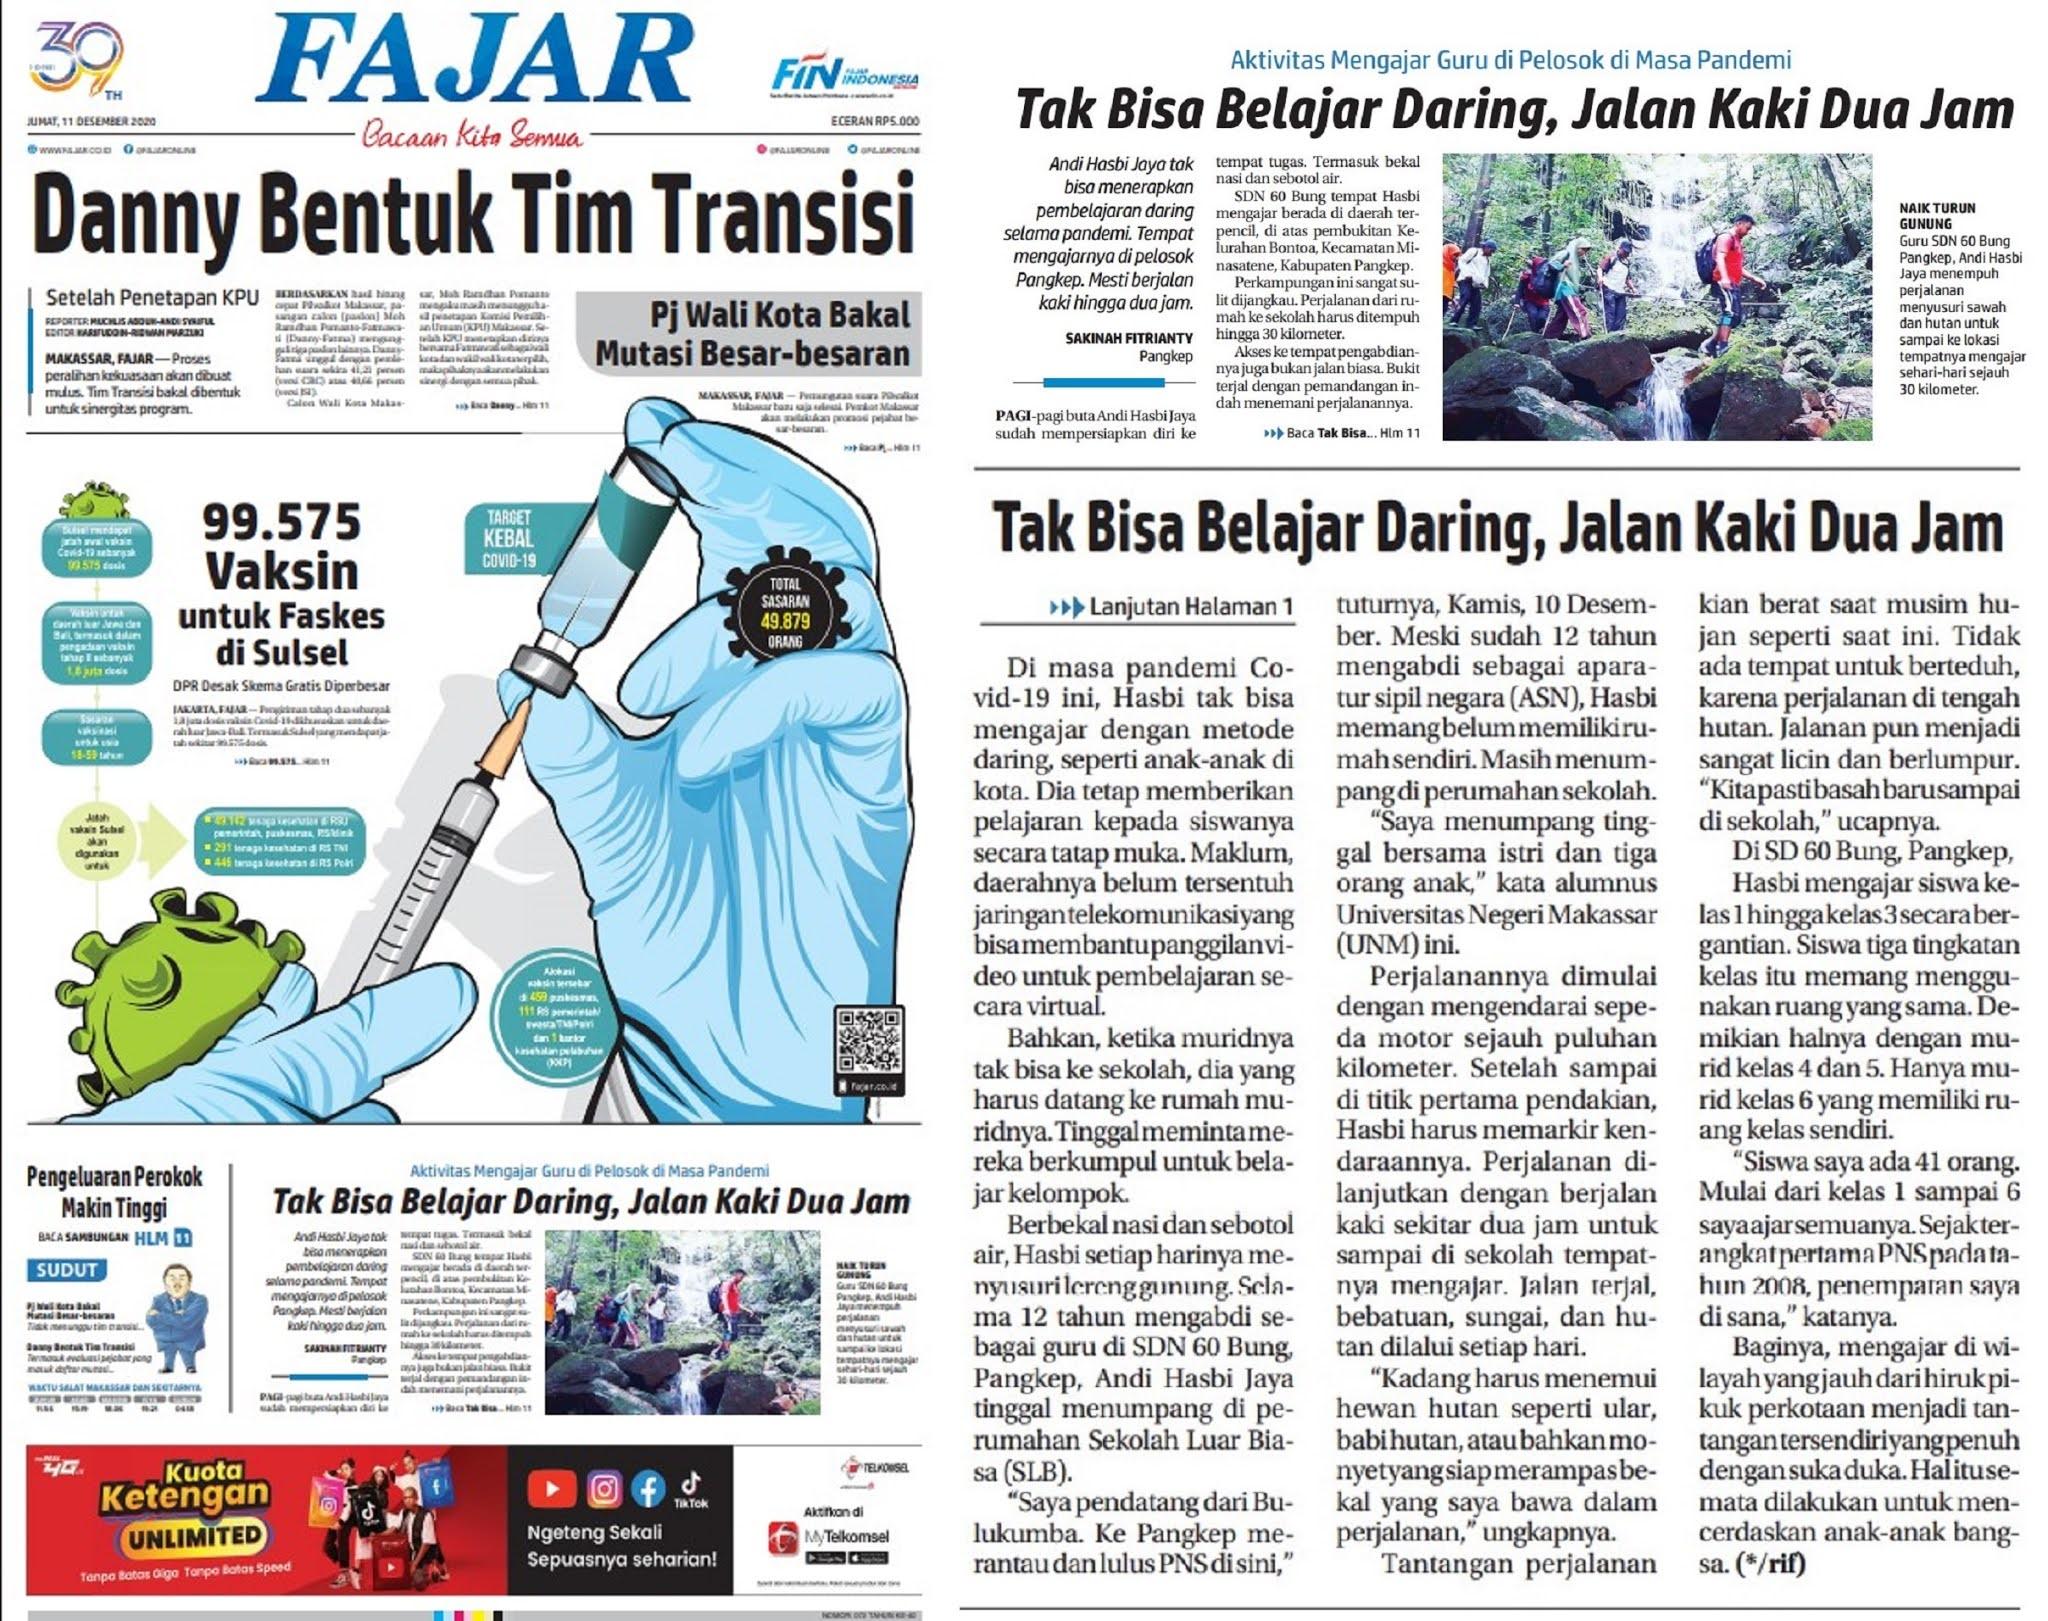 Terbit di Koran Fajar Edisi Jumat 11/12/2020 oleh : SAKINAH FITRIANTY Pangkep